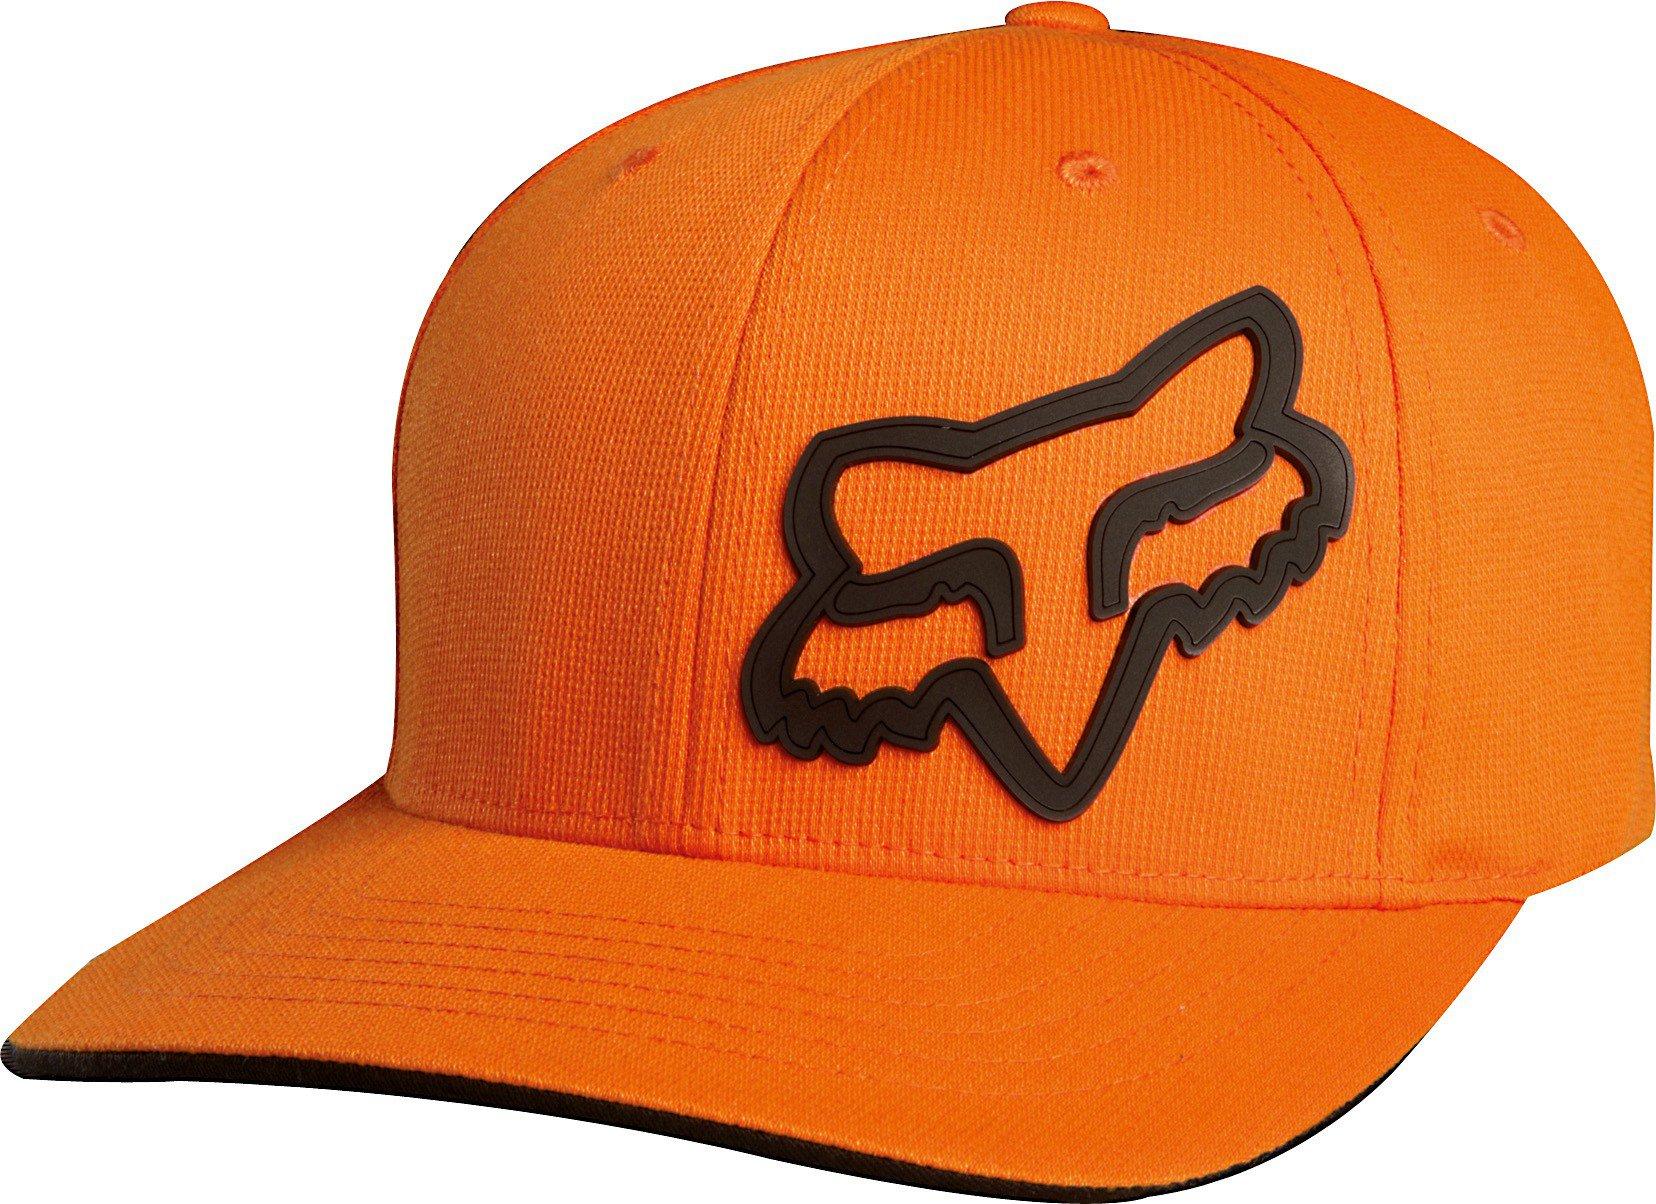 Čepice/Kšiltovka FOX Flexfit Signature oranžová